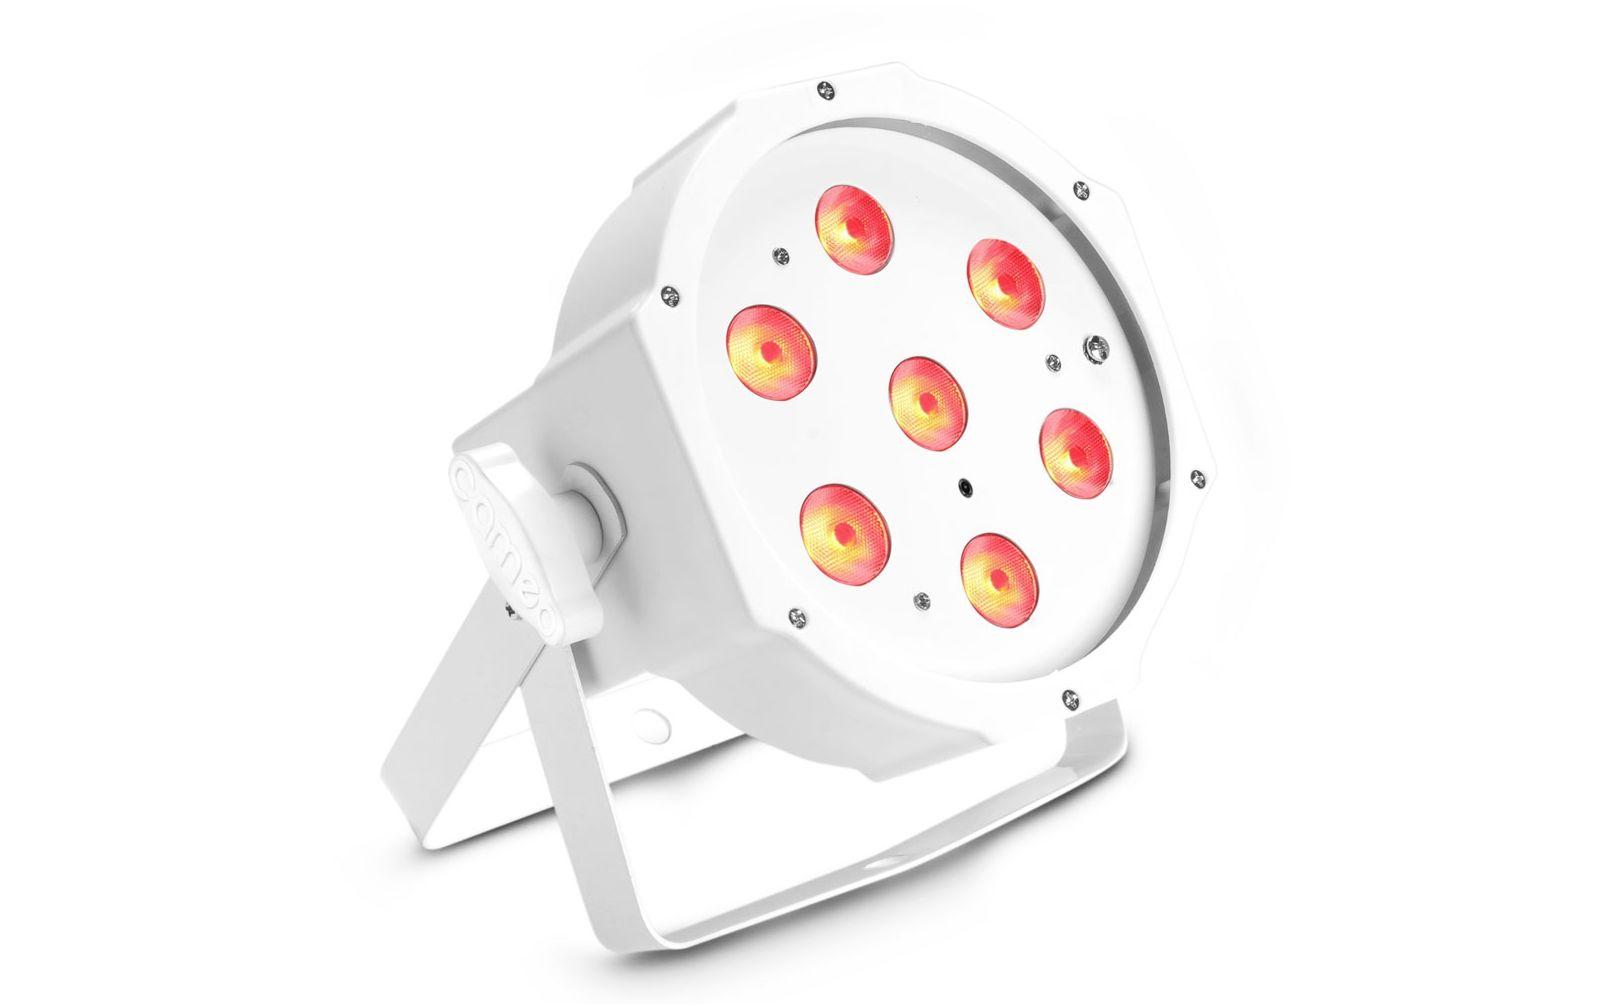 cameo-flat-par-1-rgbw-ir-wh-7-x-4-w-high-power-flat-rgbw-led-par-scheinwerfer-mit-ir-fernbedienungso